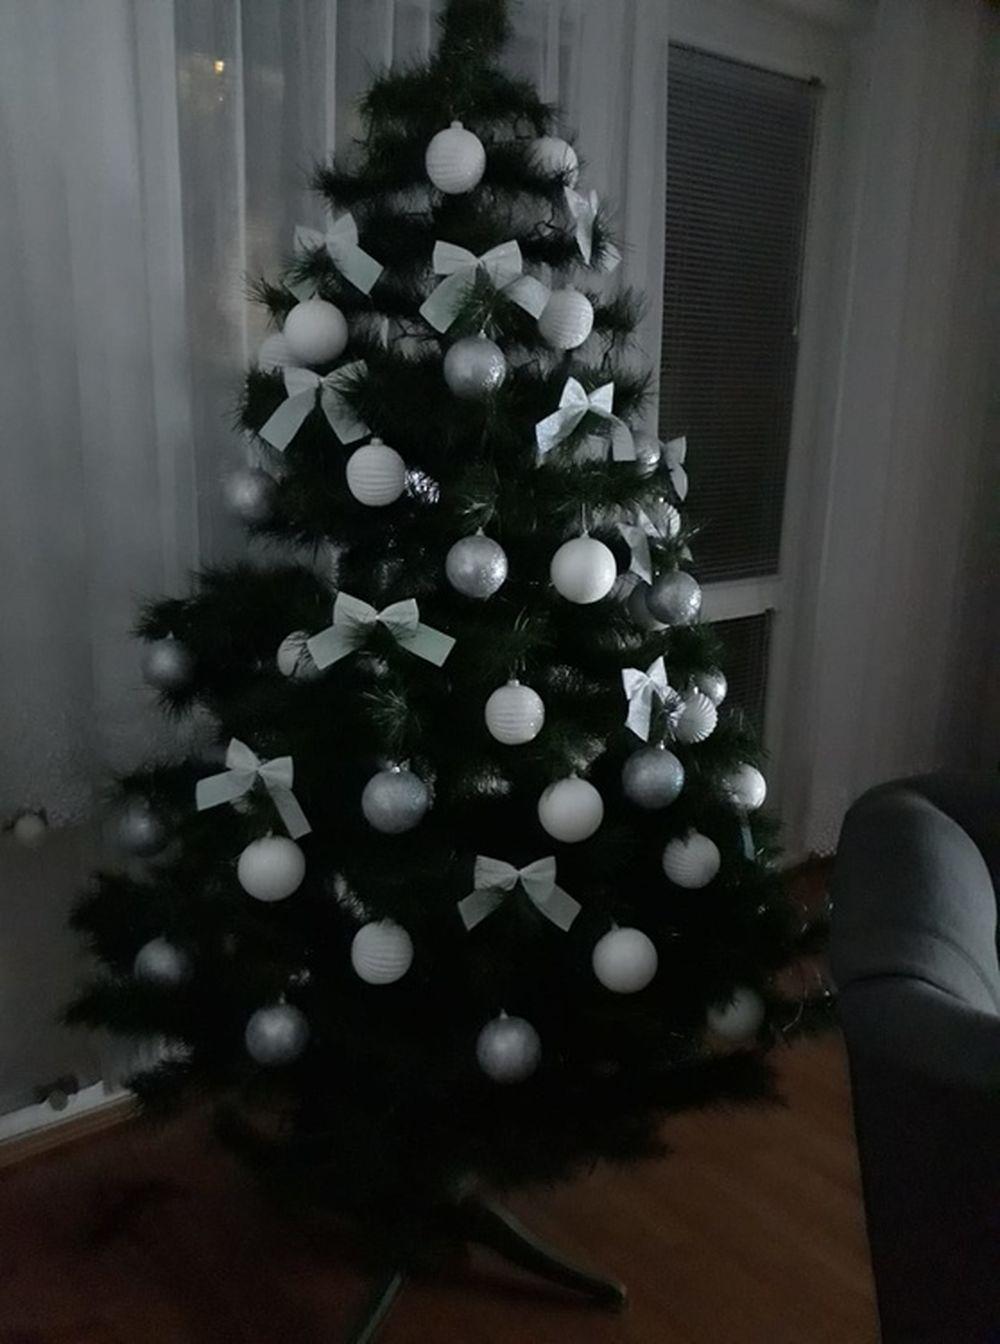 FOTO: Vianočné stromčeky v Žiline - výber fotografií našich čitateľov, foto 29